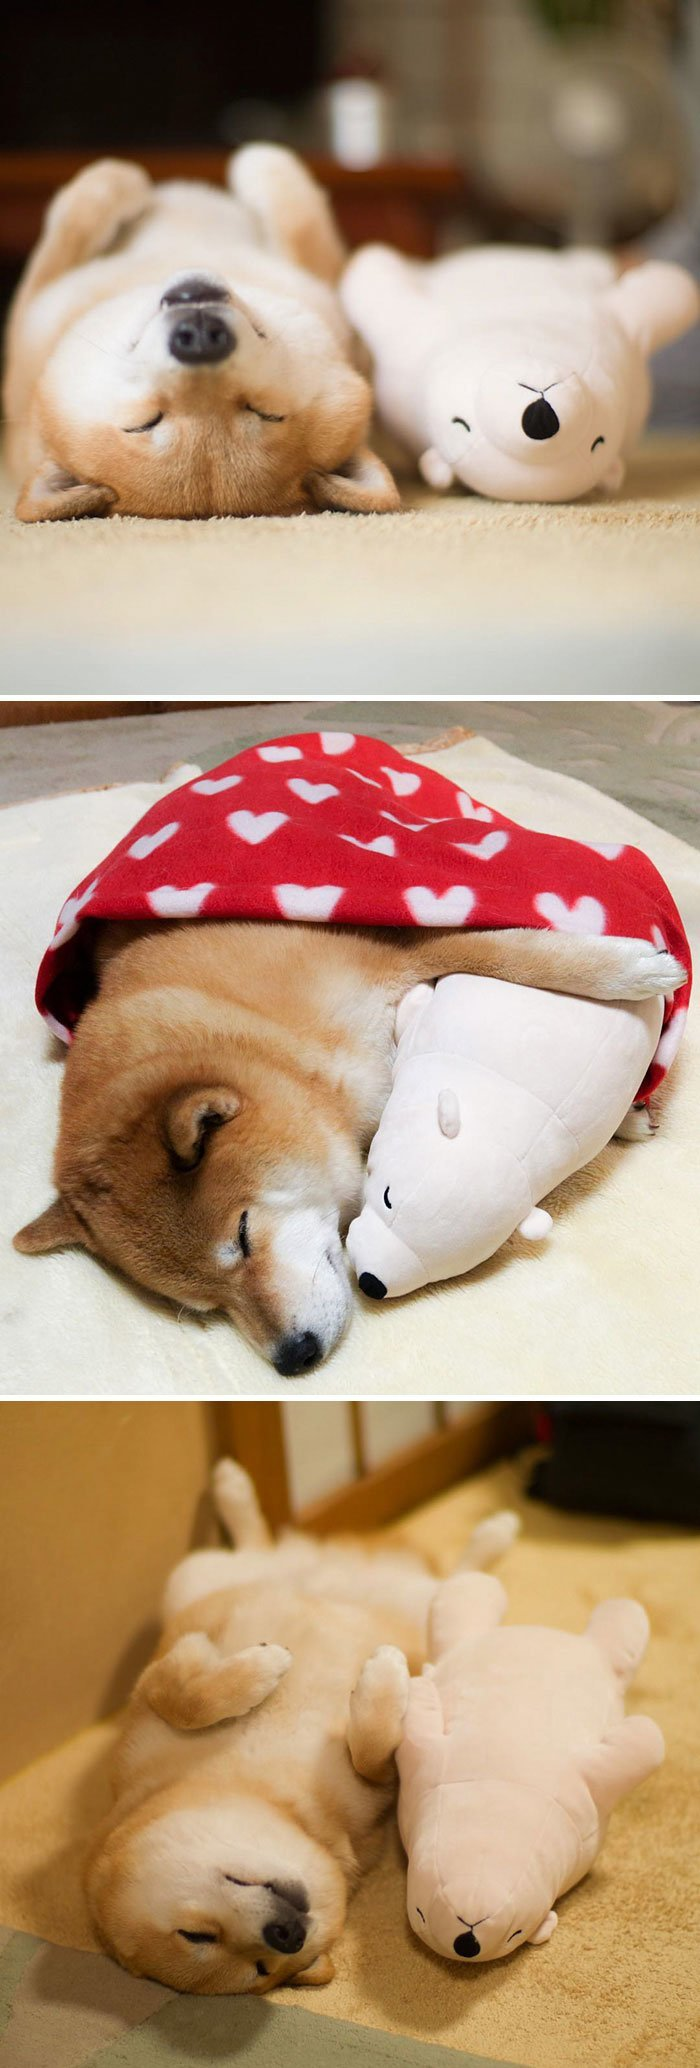 Этот шиба-ину любит спать со своей игрушкой домашние животные, животные, мило, очаровательно, собаки, трогательно, шиба ину, щенки